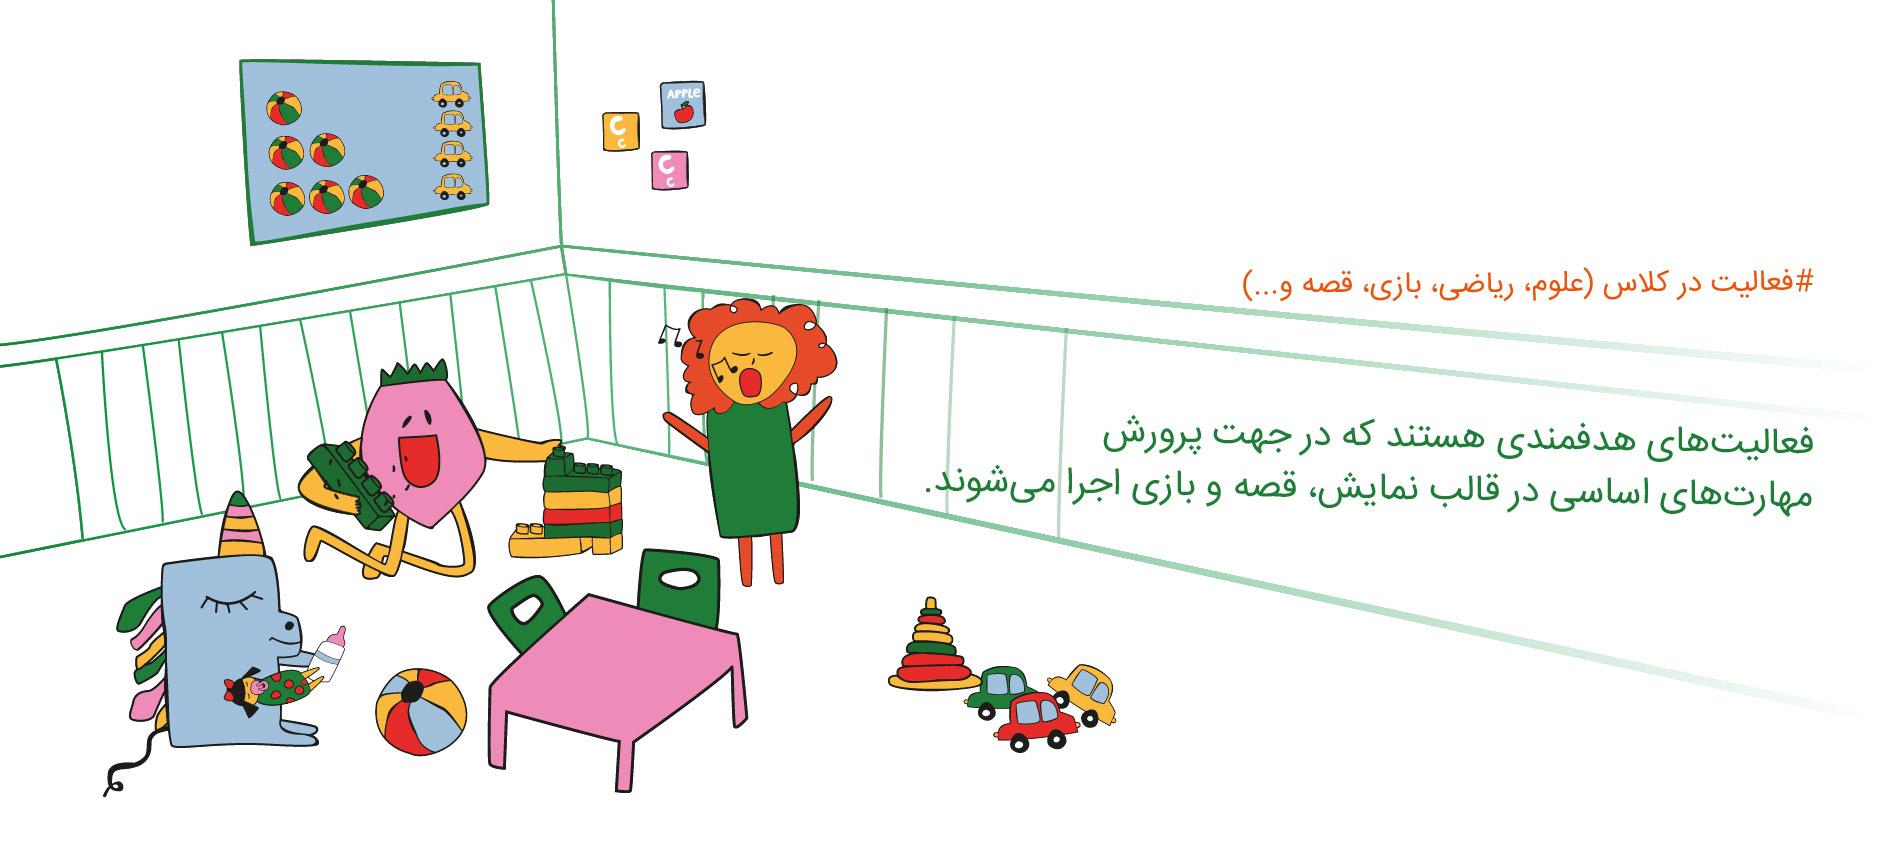 فعالیت ها و مهارت های اساسی برای کودکان در مهرآیین